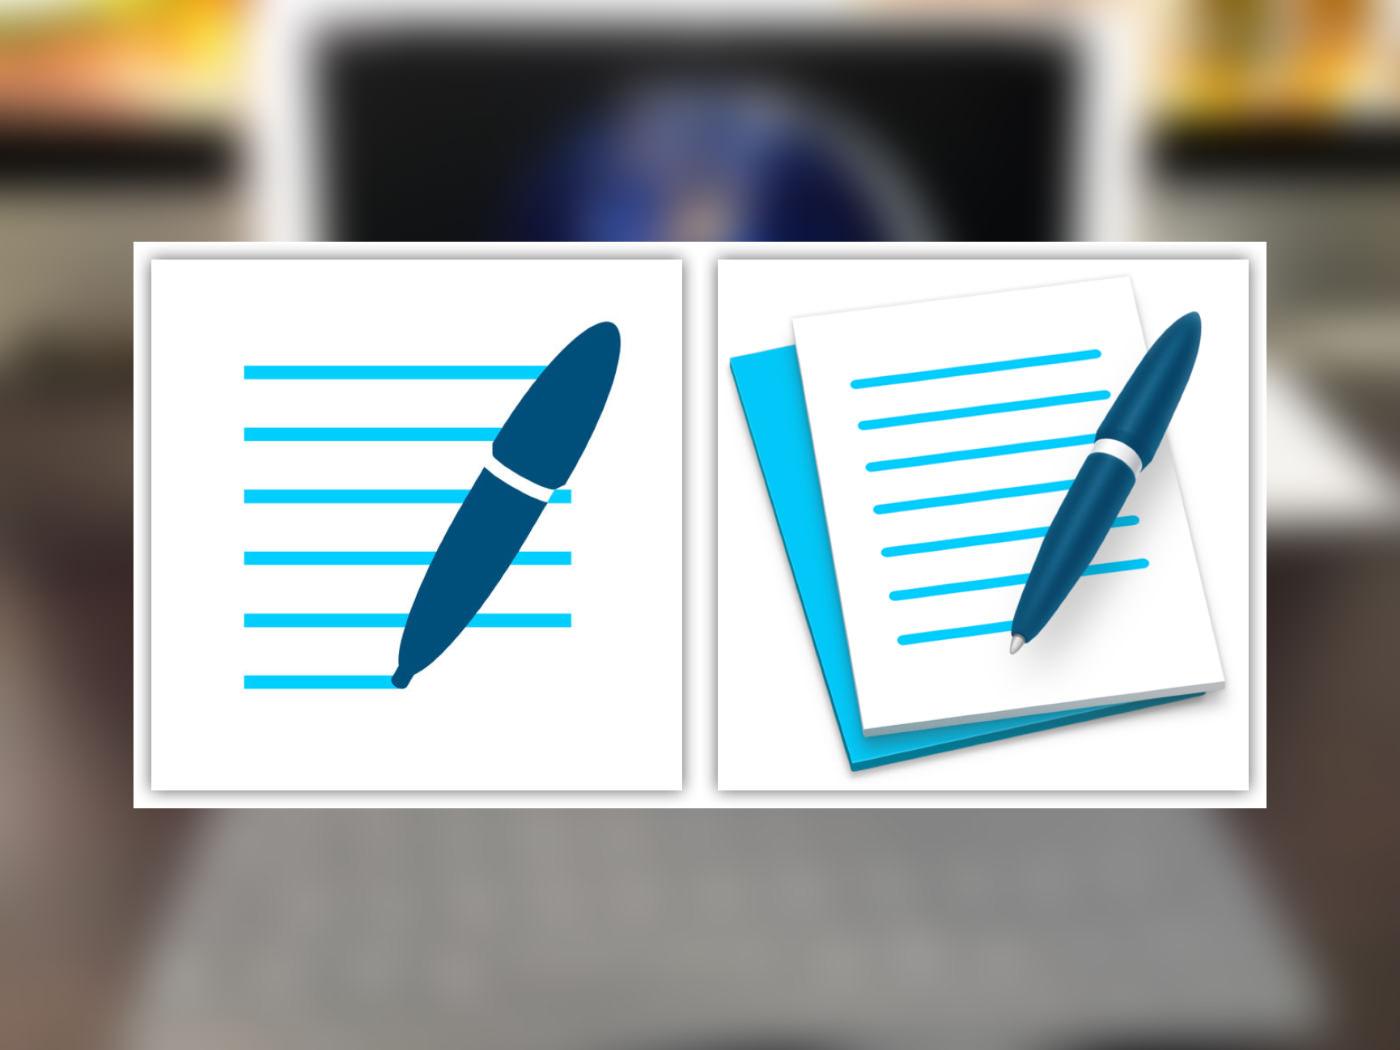 [iPad Pro]秀逸アプリ「GoodNotes」に新しいテンプレートを使えるようにしてiPhoneで確認チェックする一つの方法